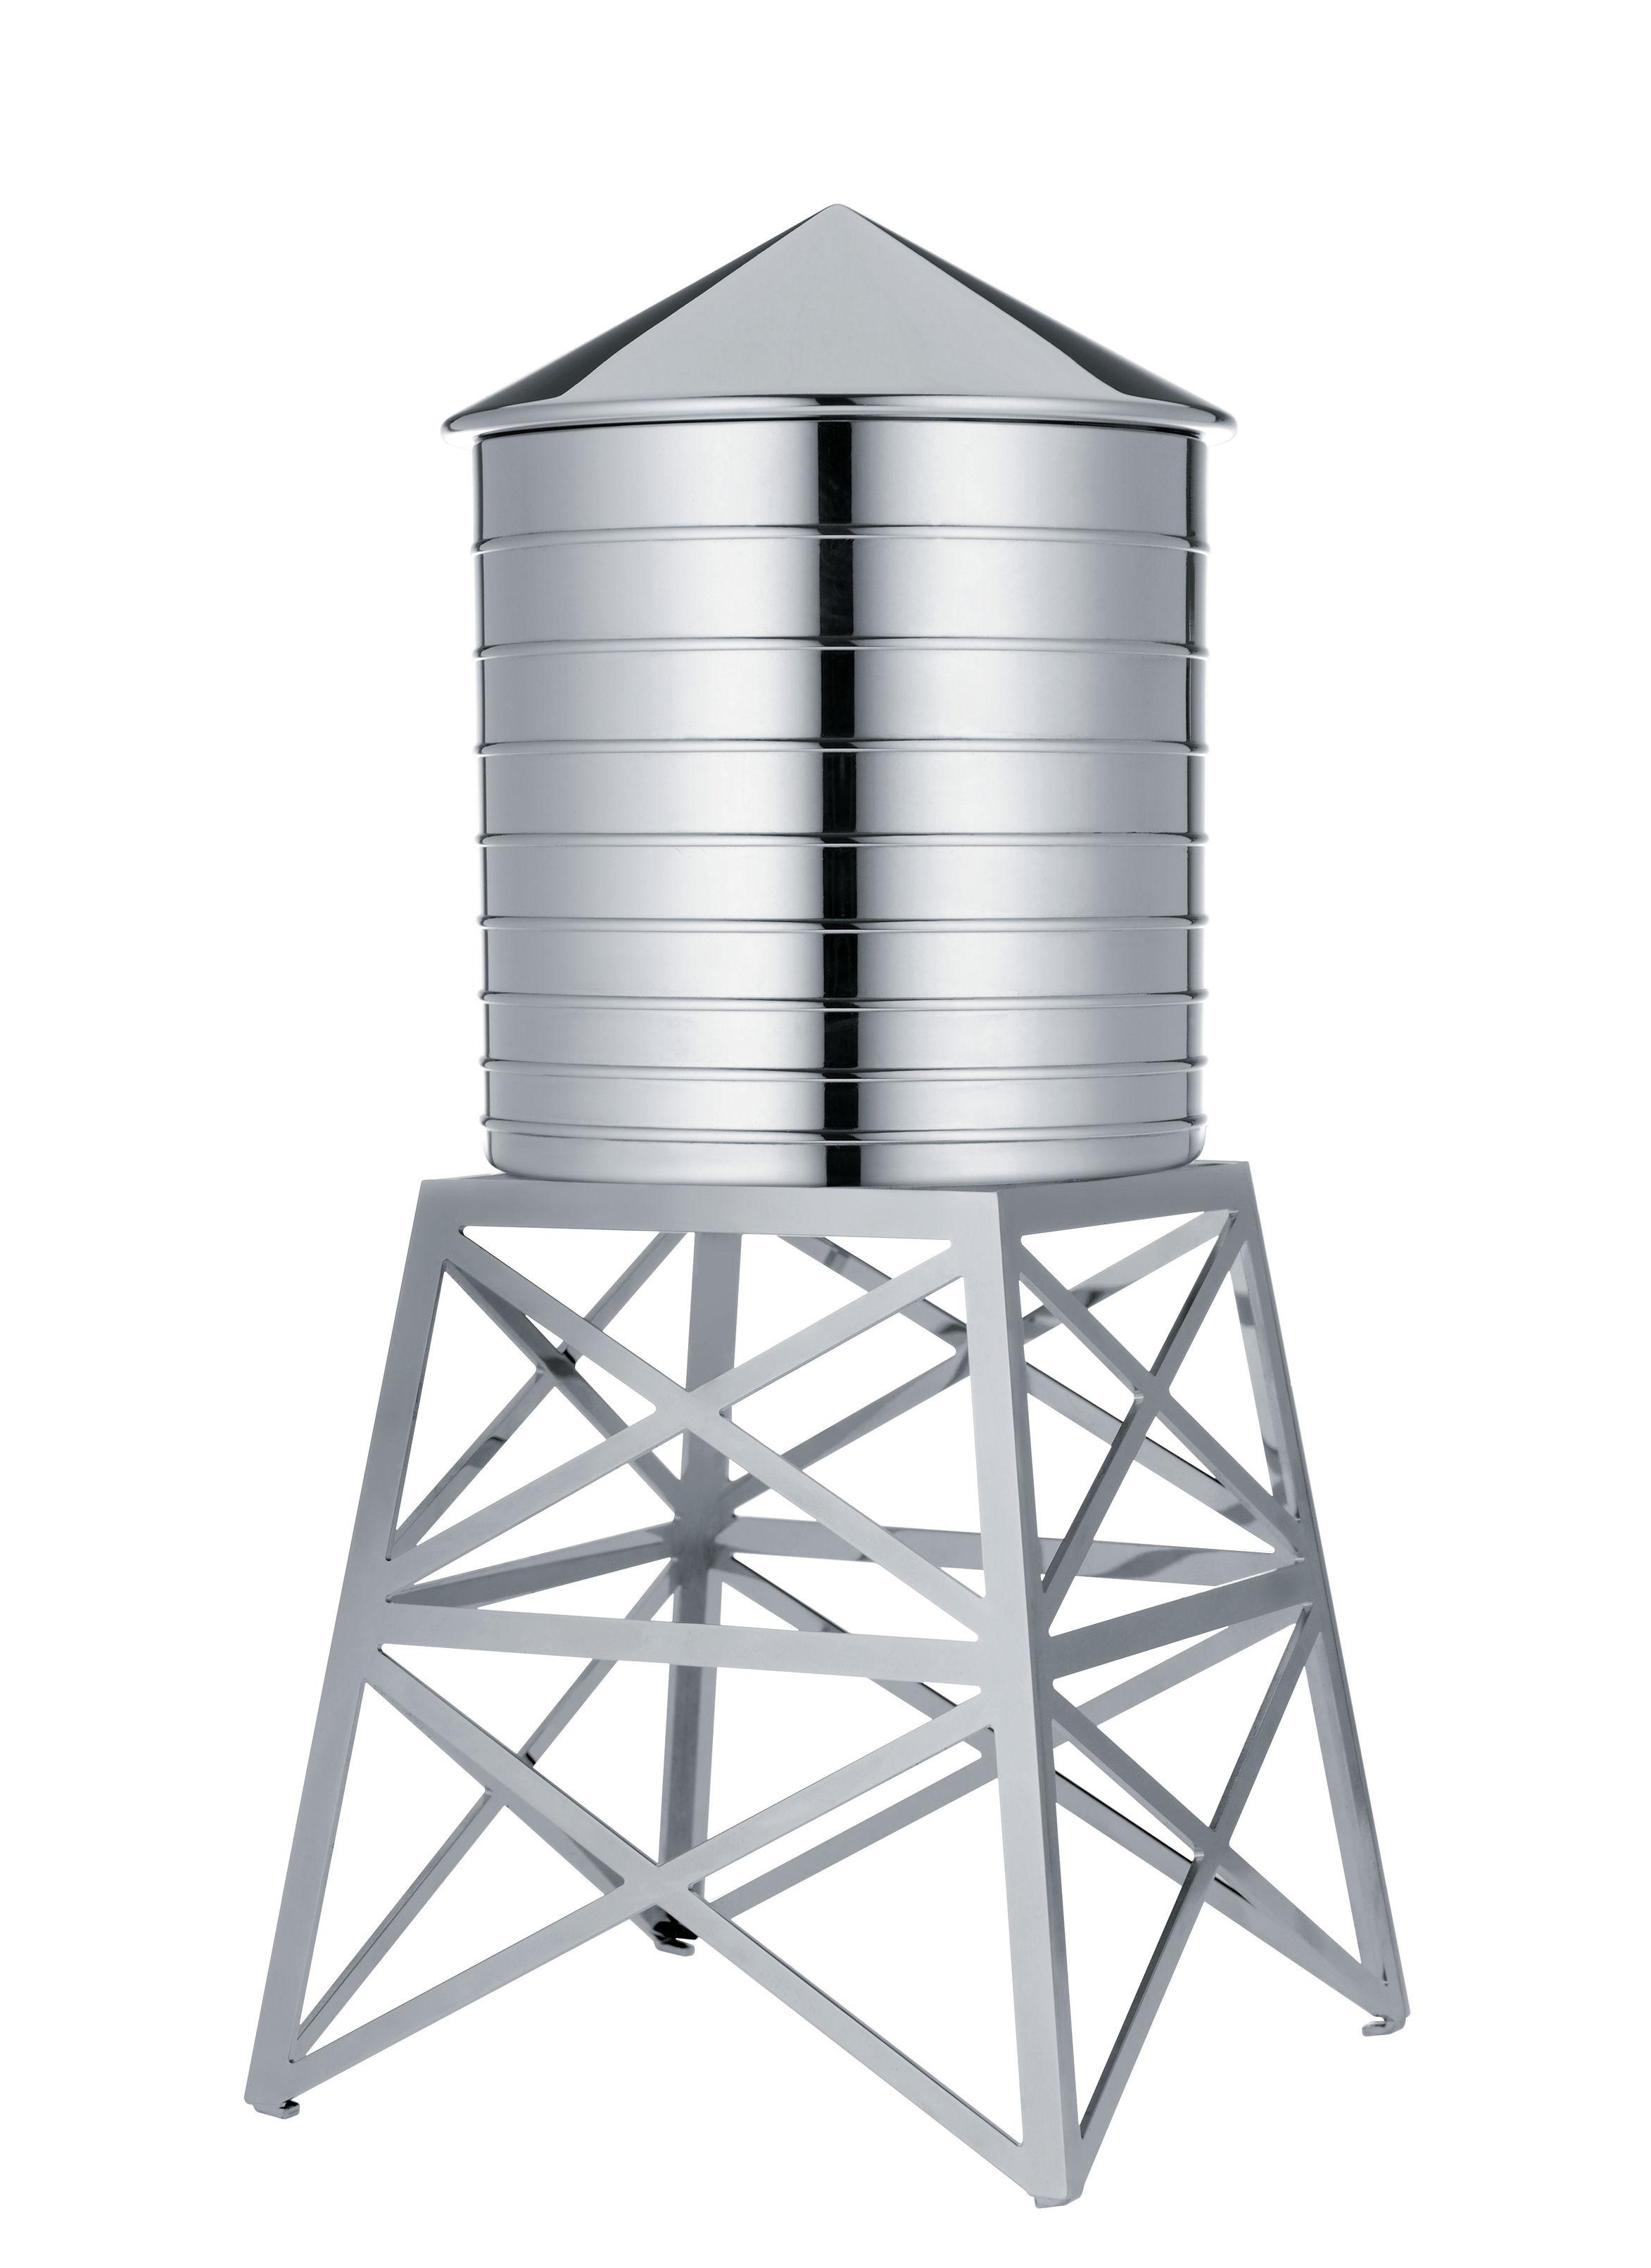 Cuisine - Boîtes, pots et bocaux - Boîte Water Tower - Alessi - Acier / Pot acier - Acier inoxydable